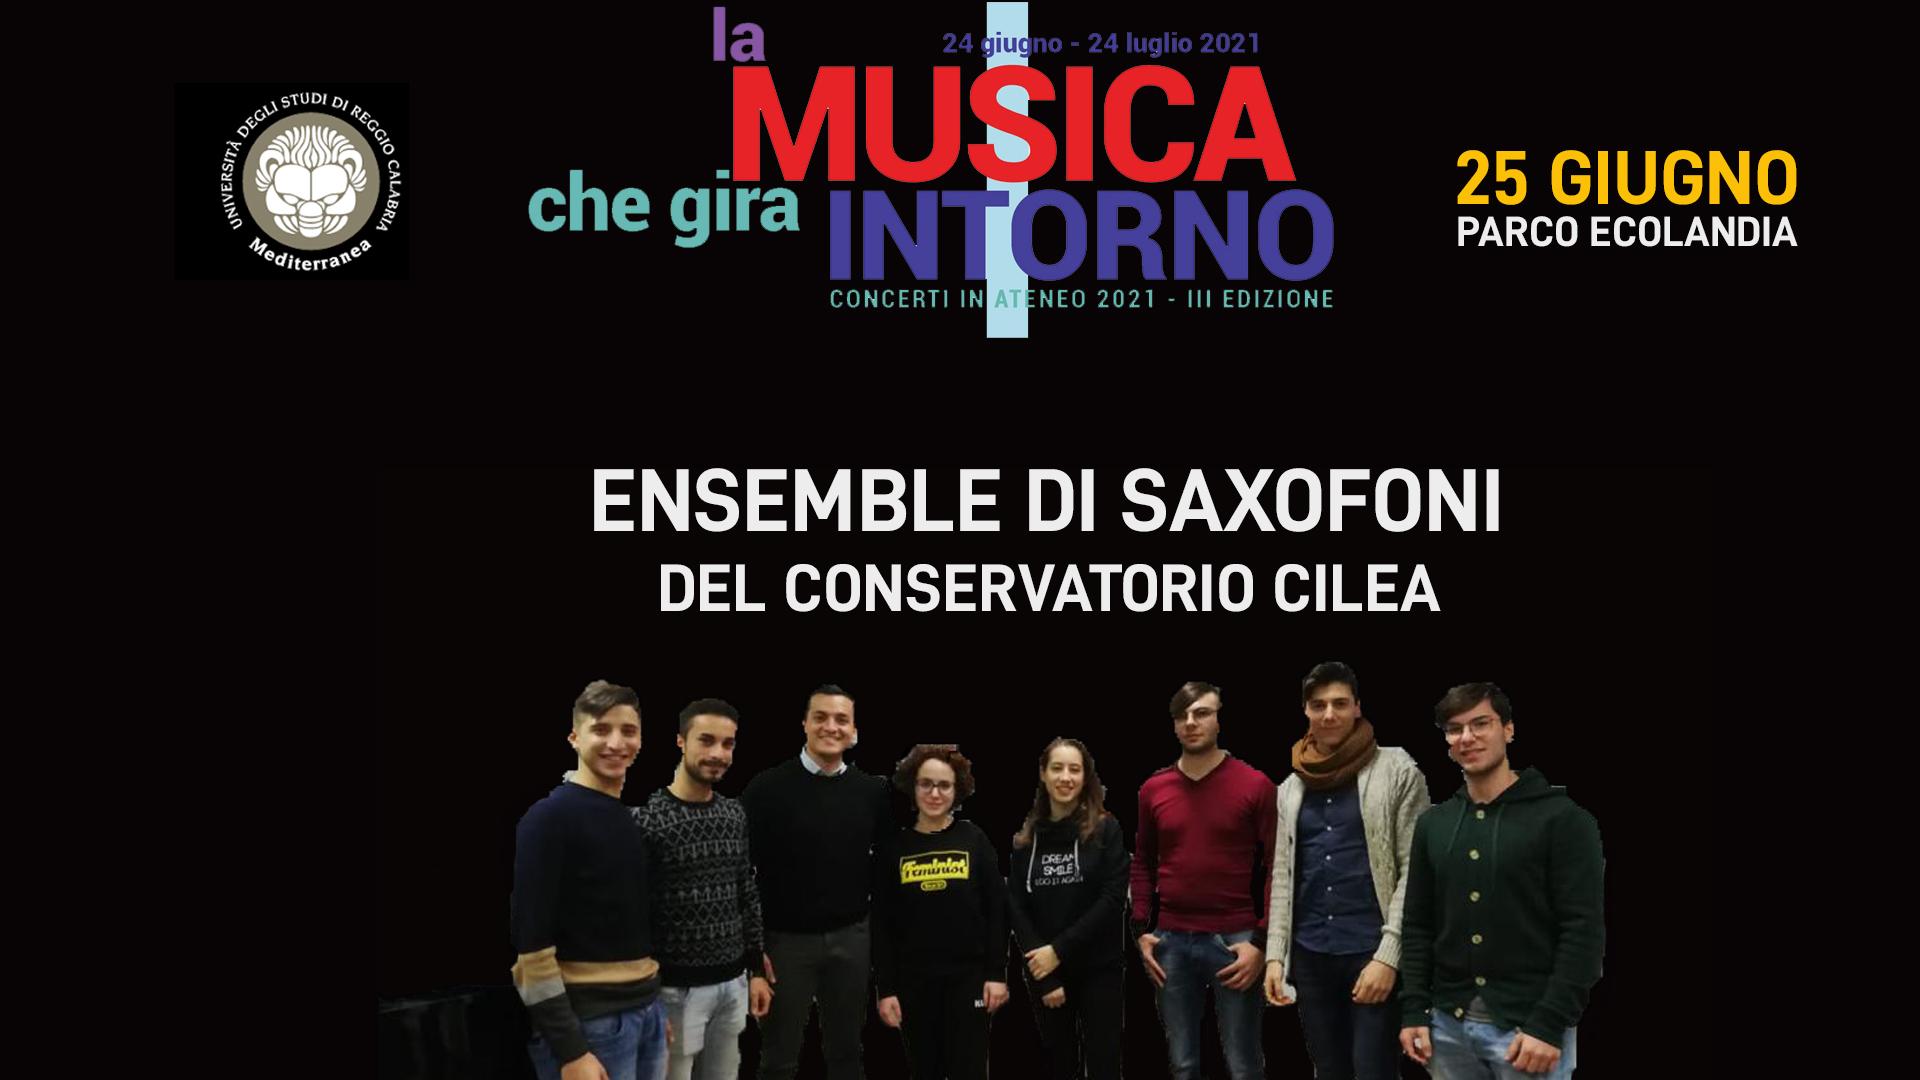 Ensemble di Saxofoni del Conservatorio Cilea